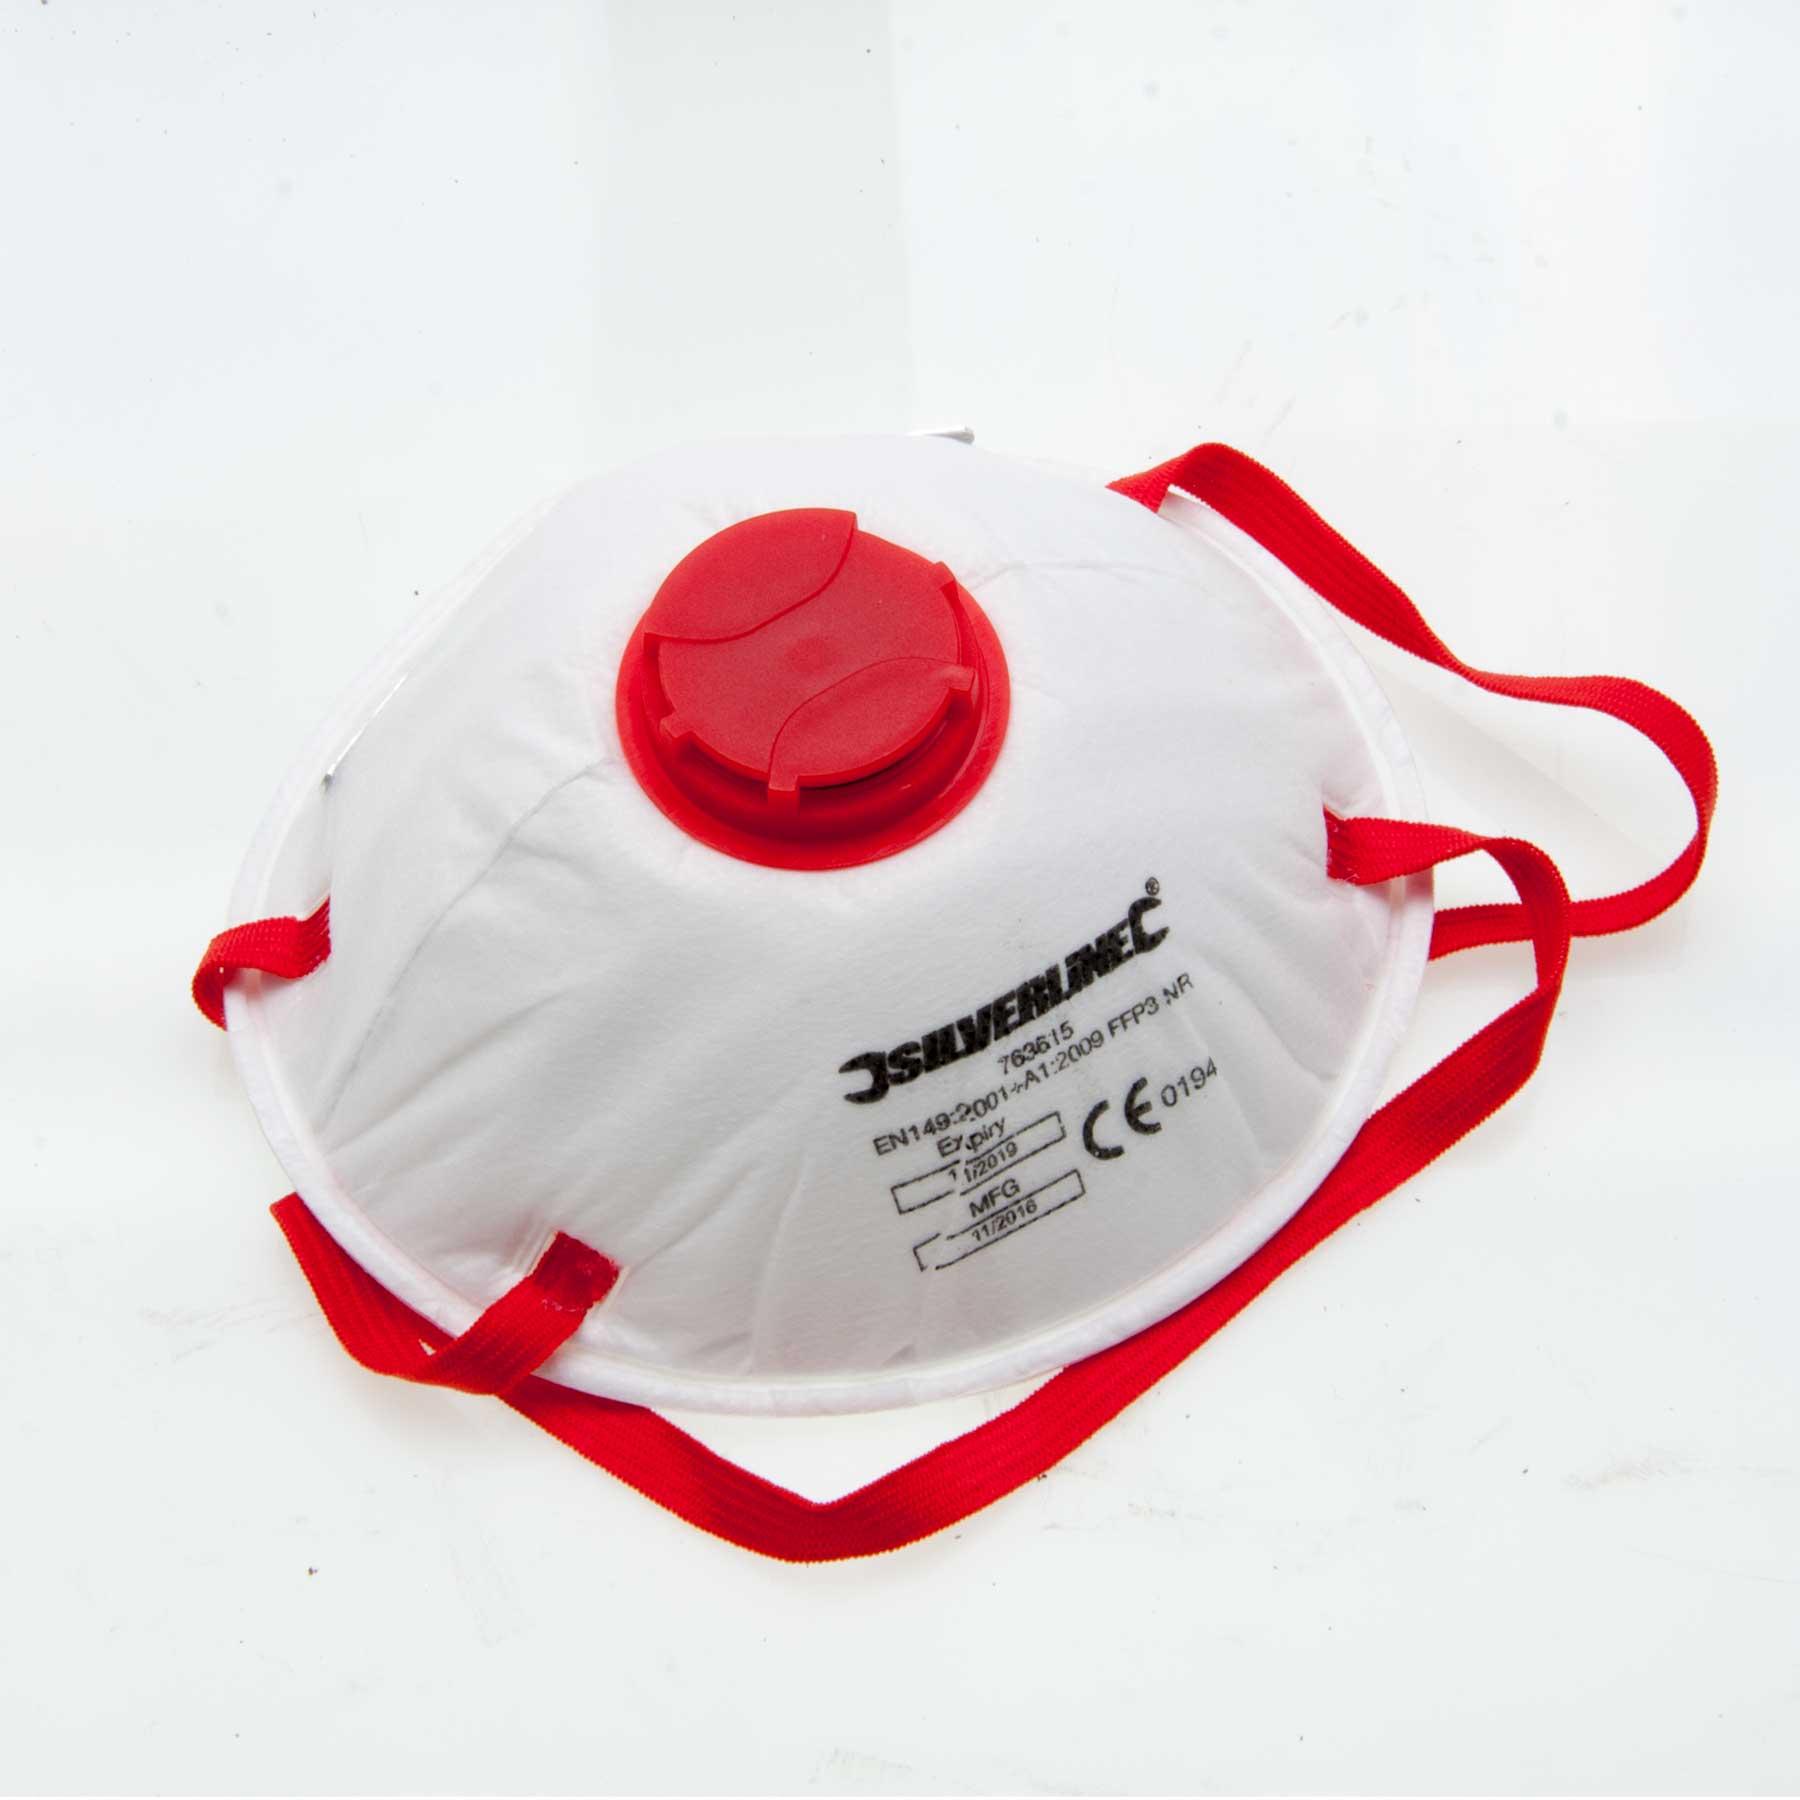 Silverline 427698 Dust Mask Ffp3 Pk10 Silverline 427698